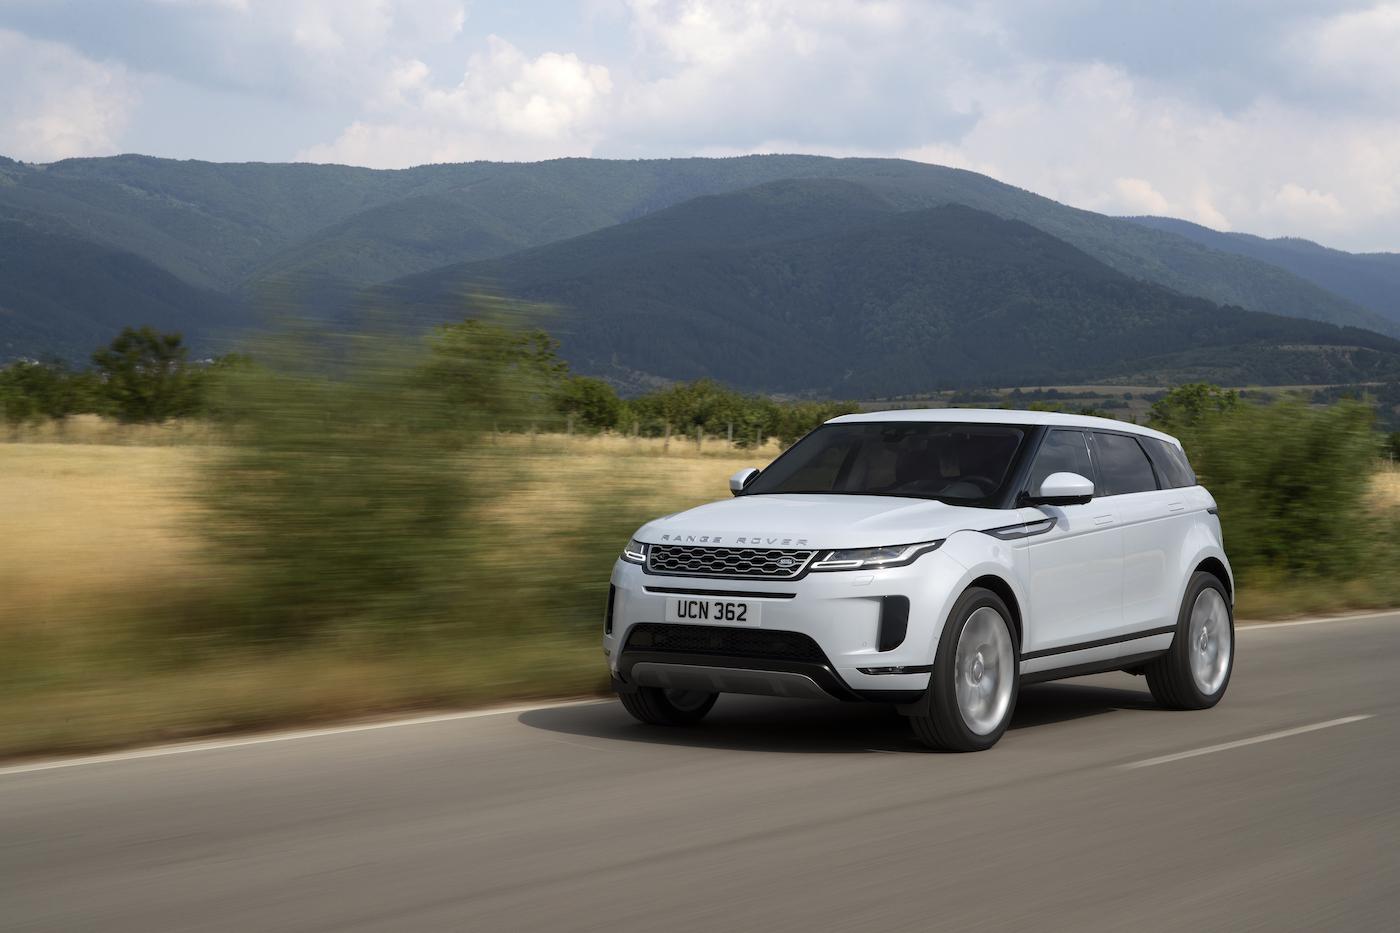 Der neue Evoque: Range Rover übertrifft sich selbst 16